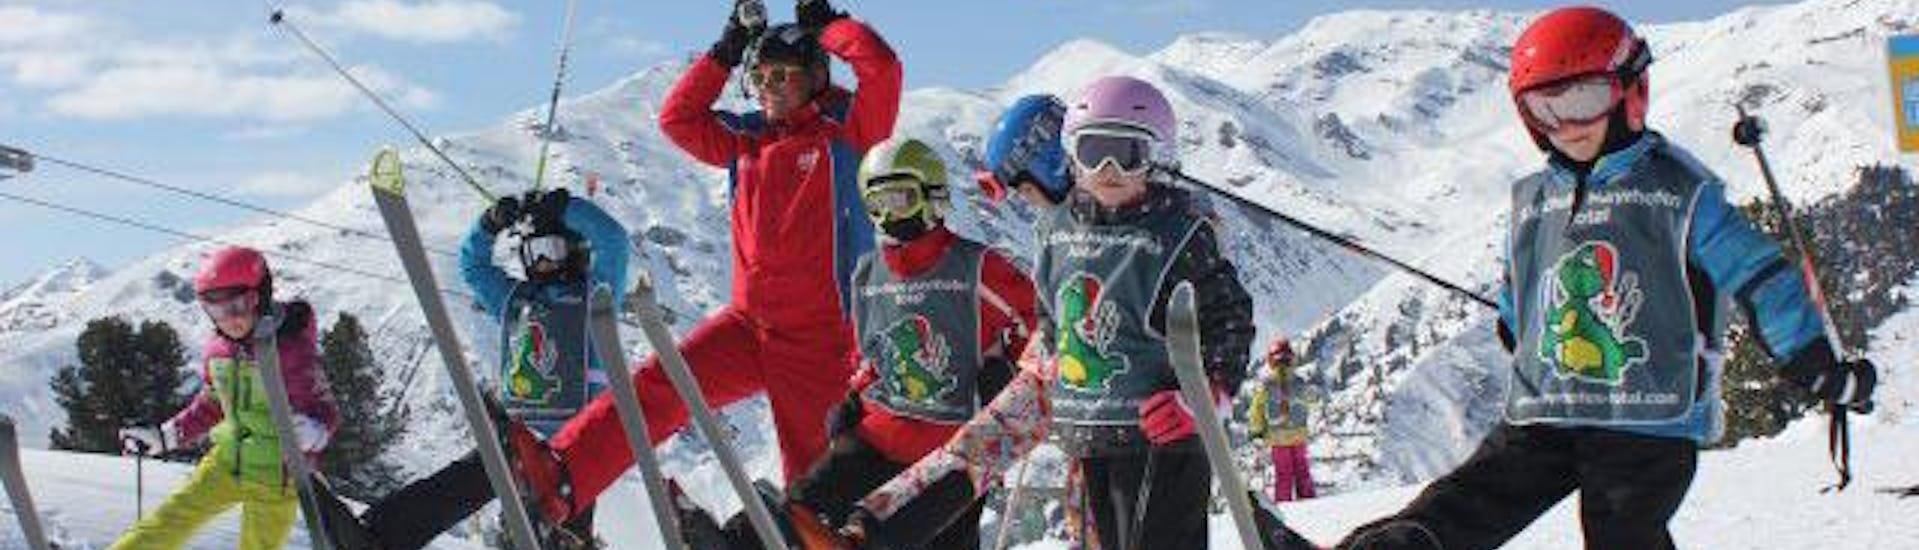 Skikurs für Kinder (Alle Altersgruppen) - Fortgeschritten